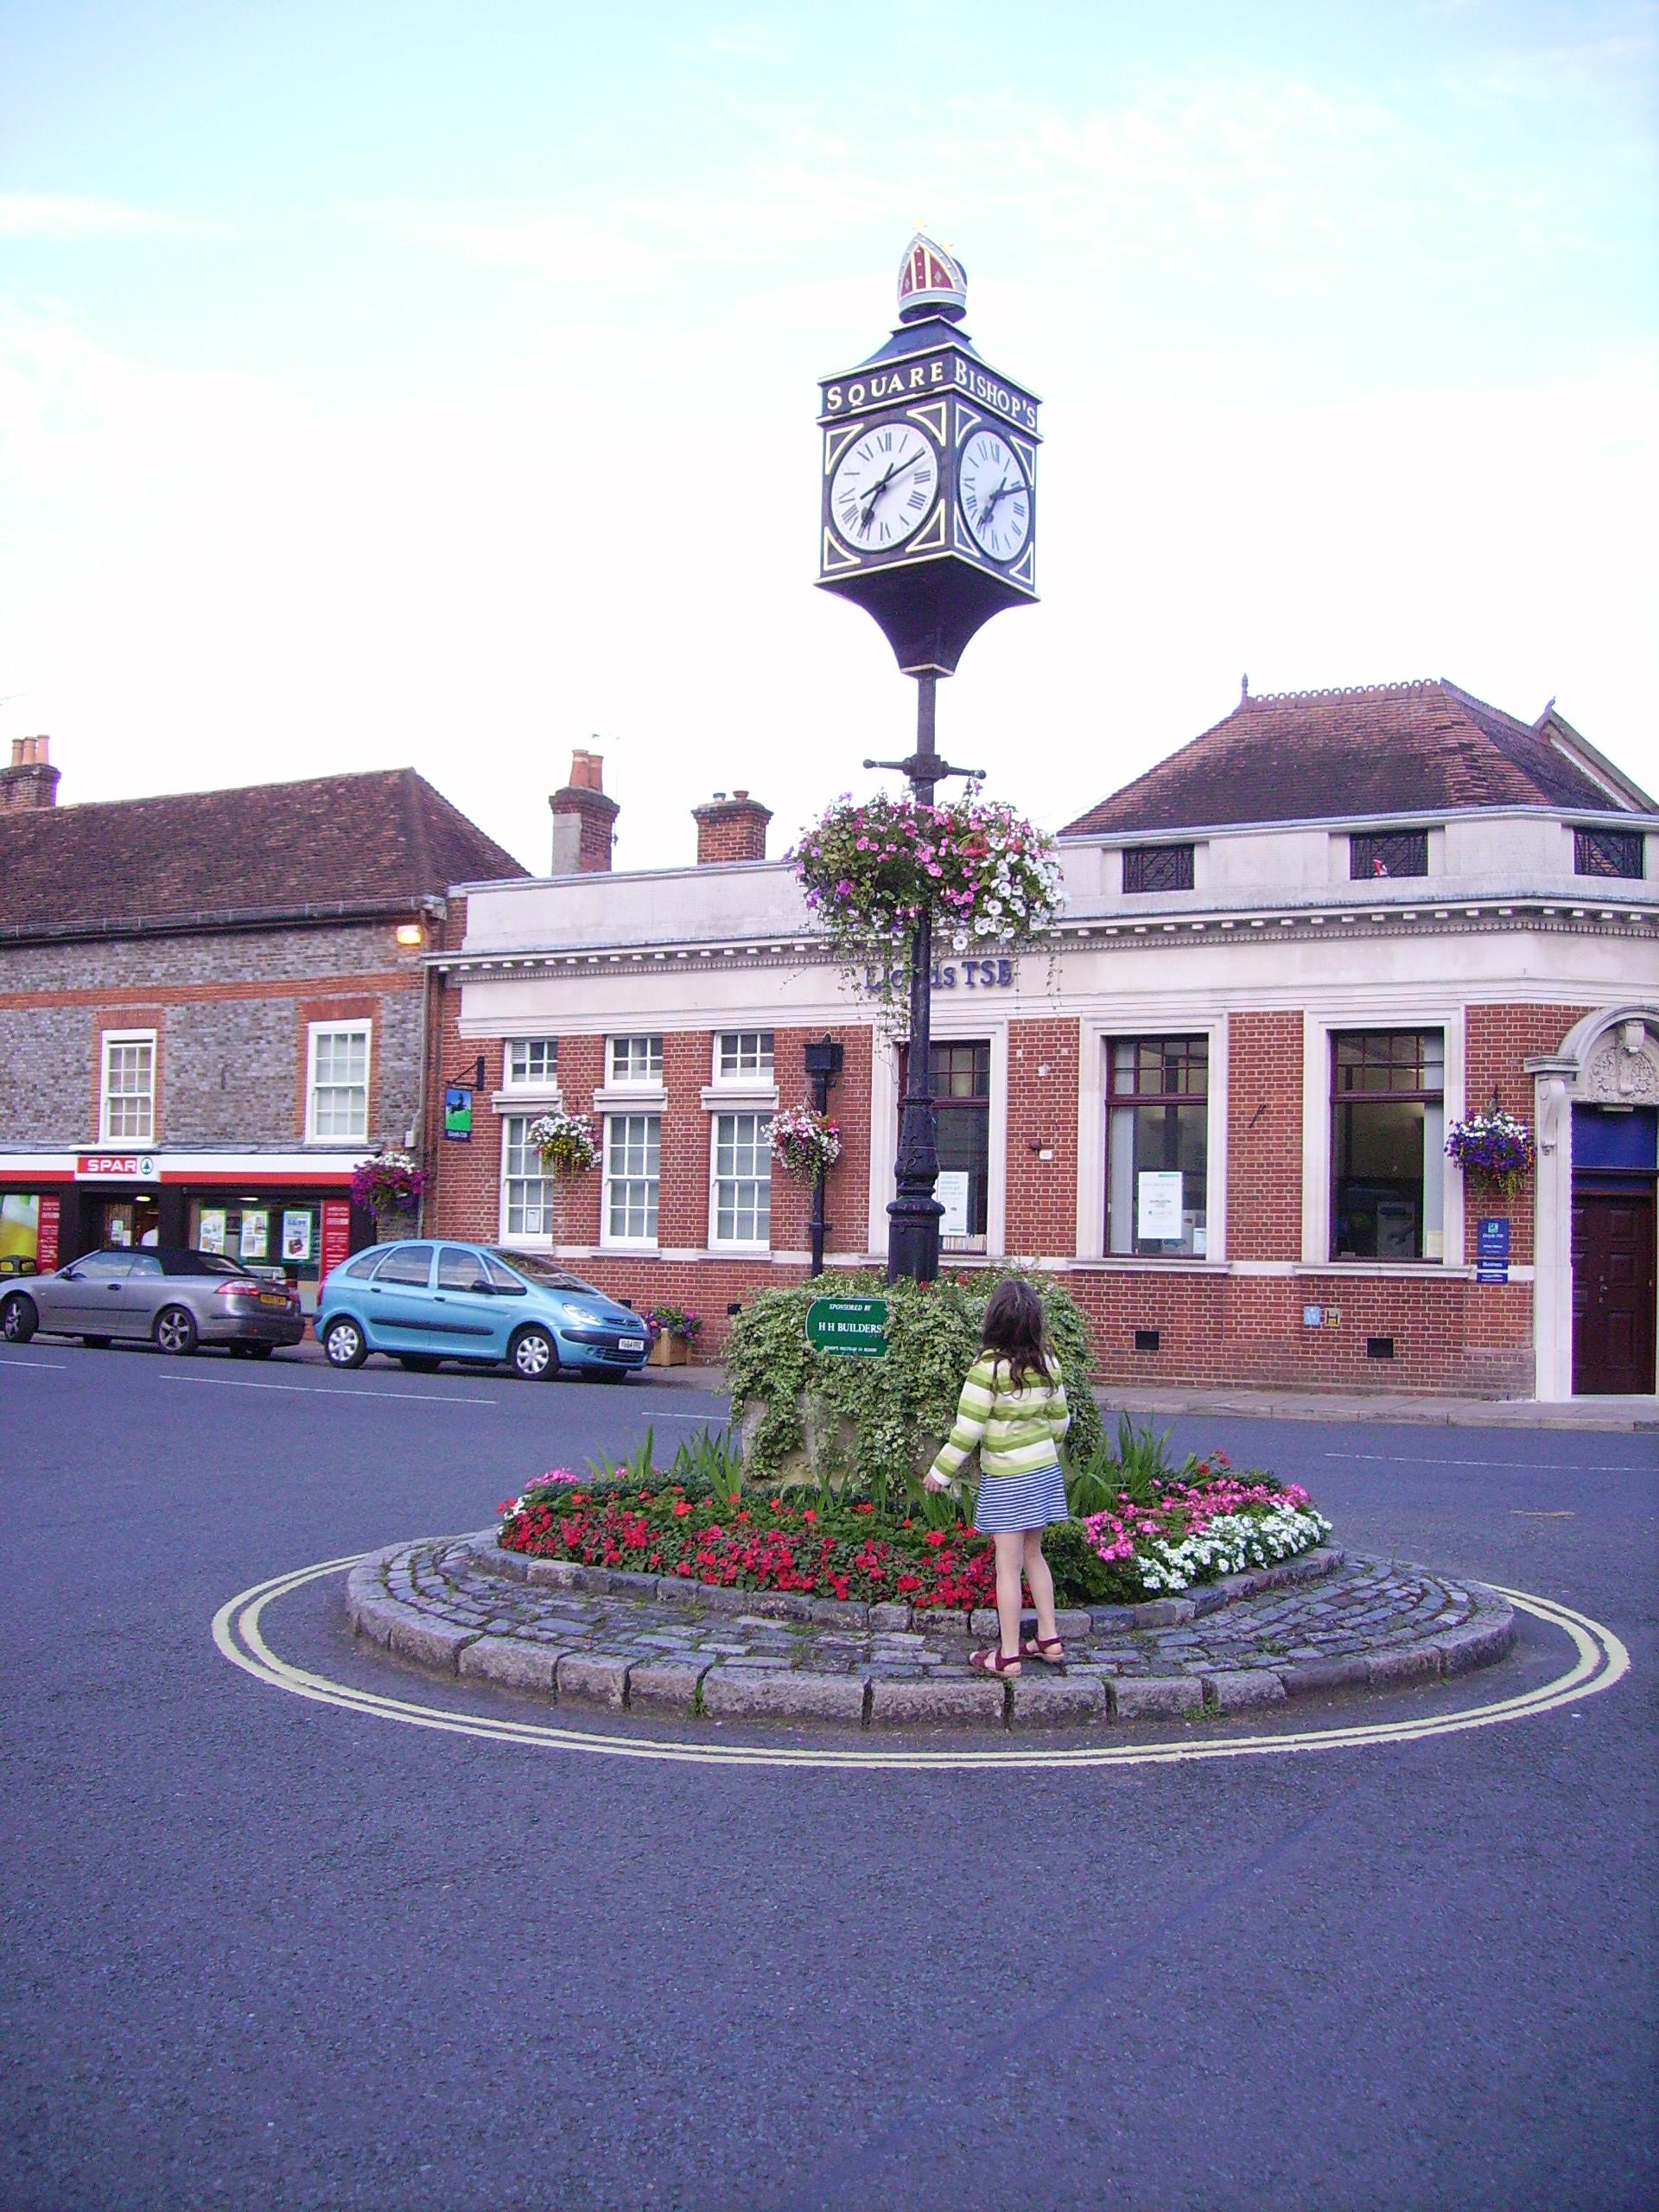 Bishop's Waltham